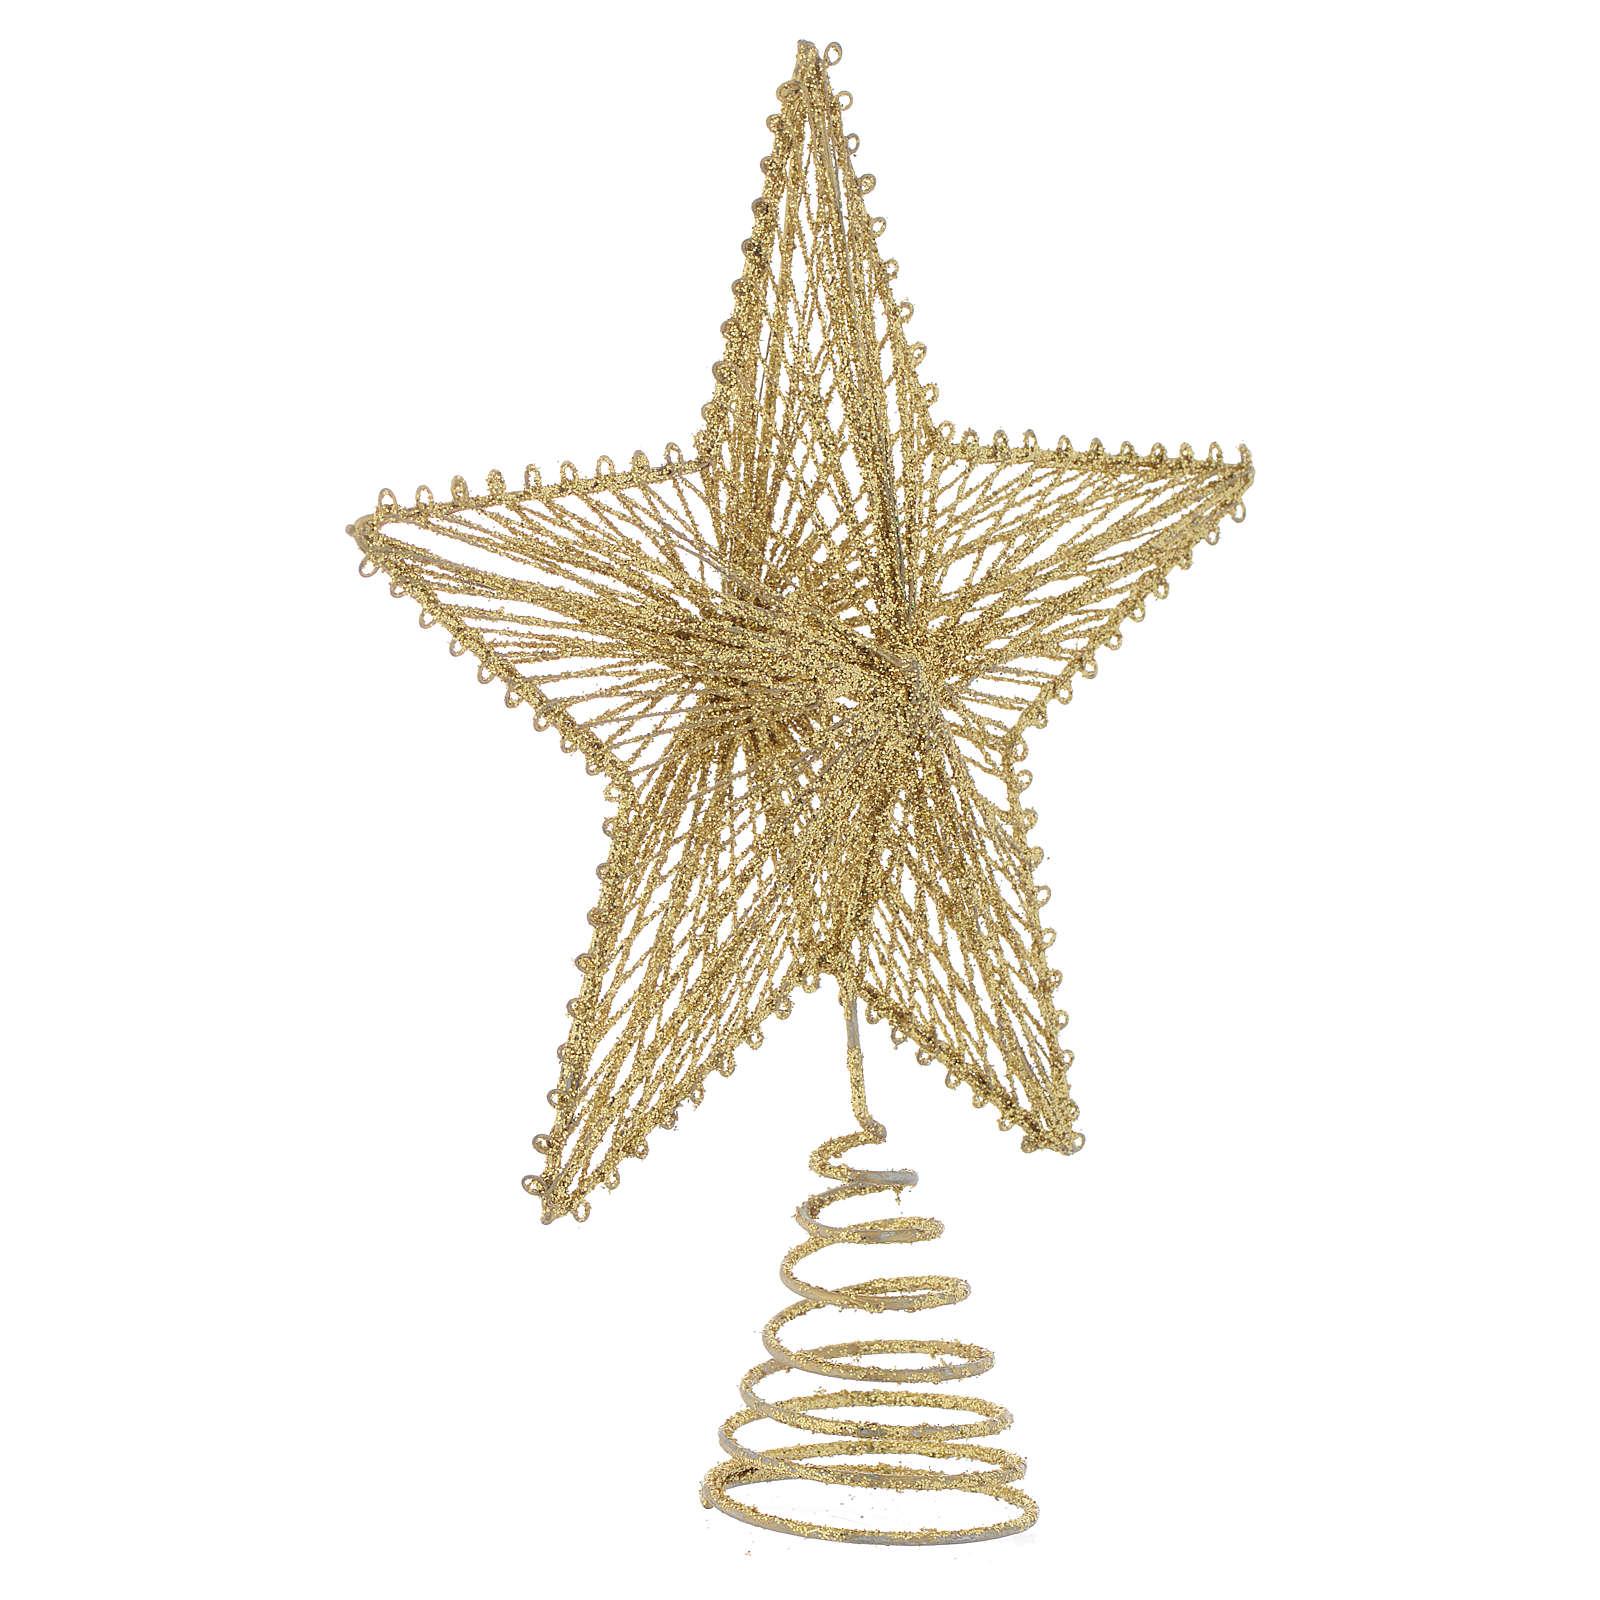 Cimier 25 cm étoile pour sapin de Noël doré 4